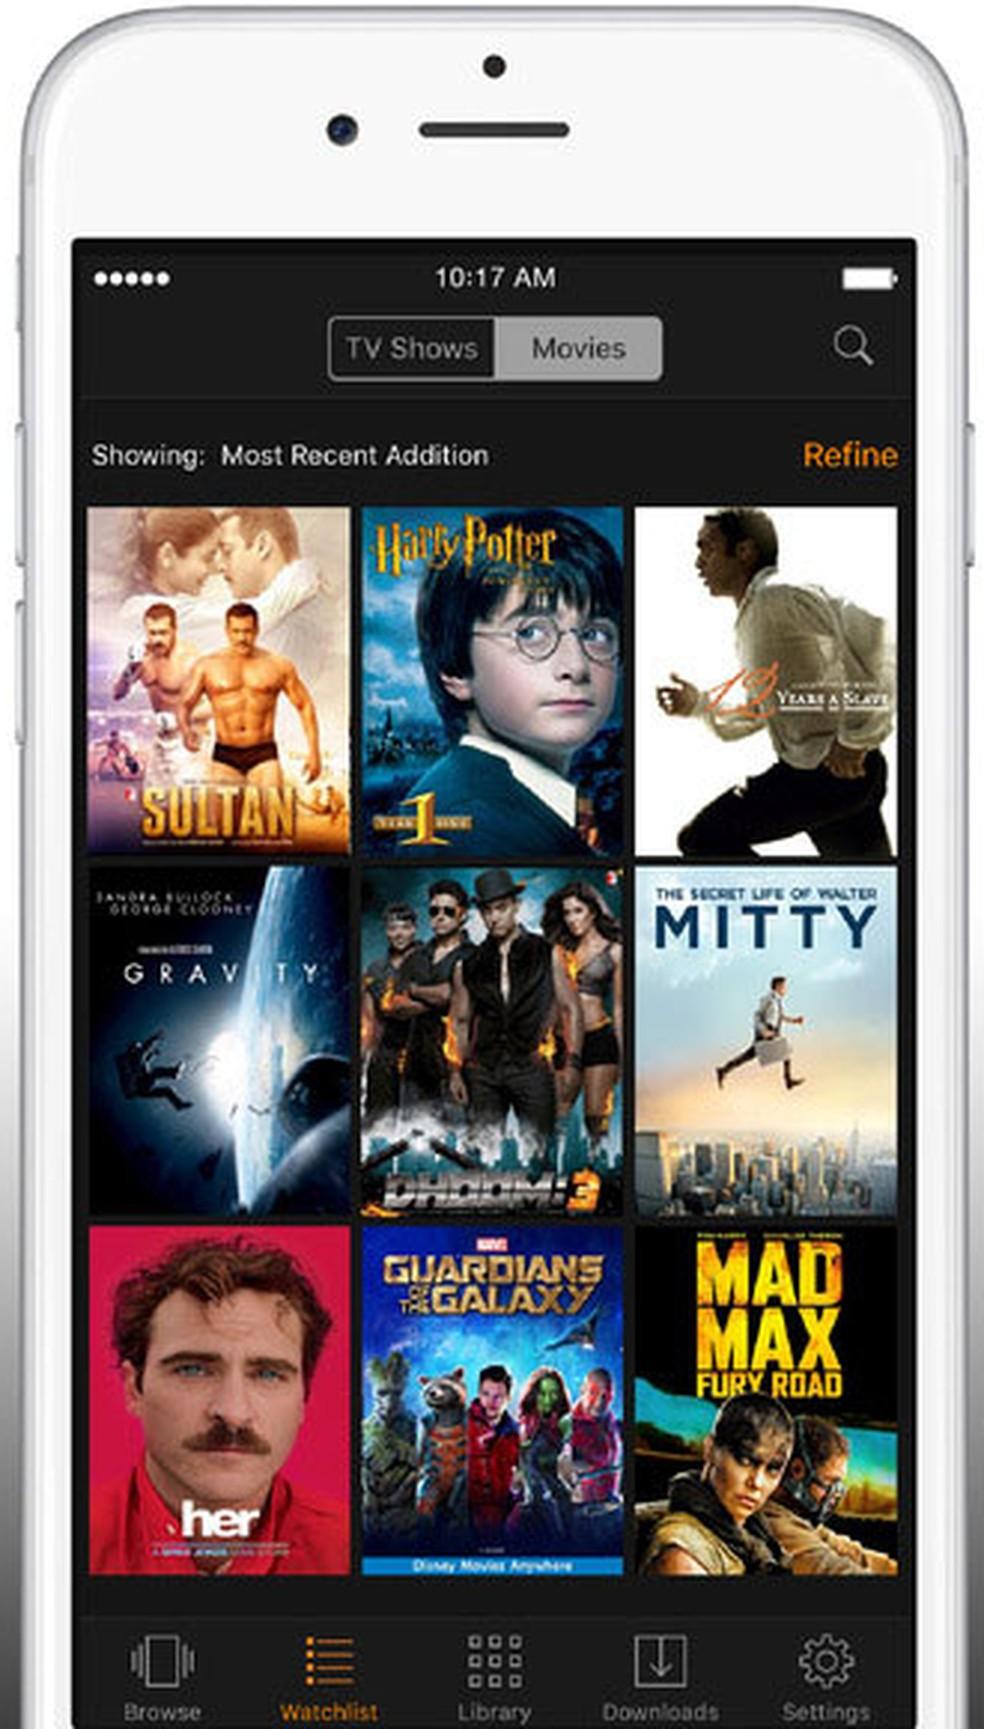 [Tecnologia e Games] Amazon Prime Video, concorrente de Netflix e HBO GO, chega ao Brasil Amazon-prime-video